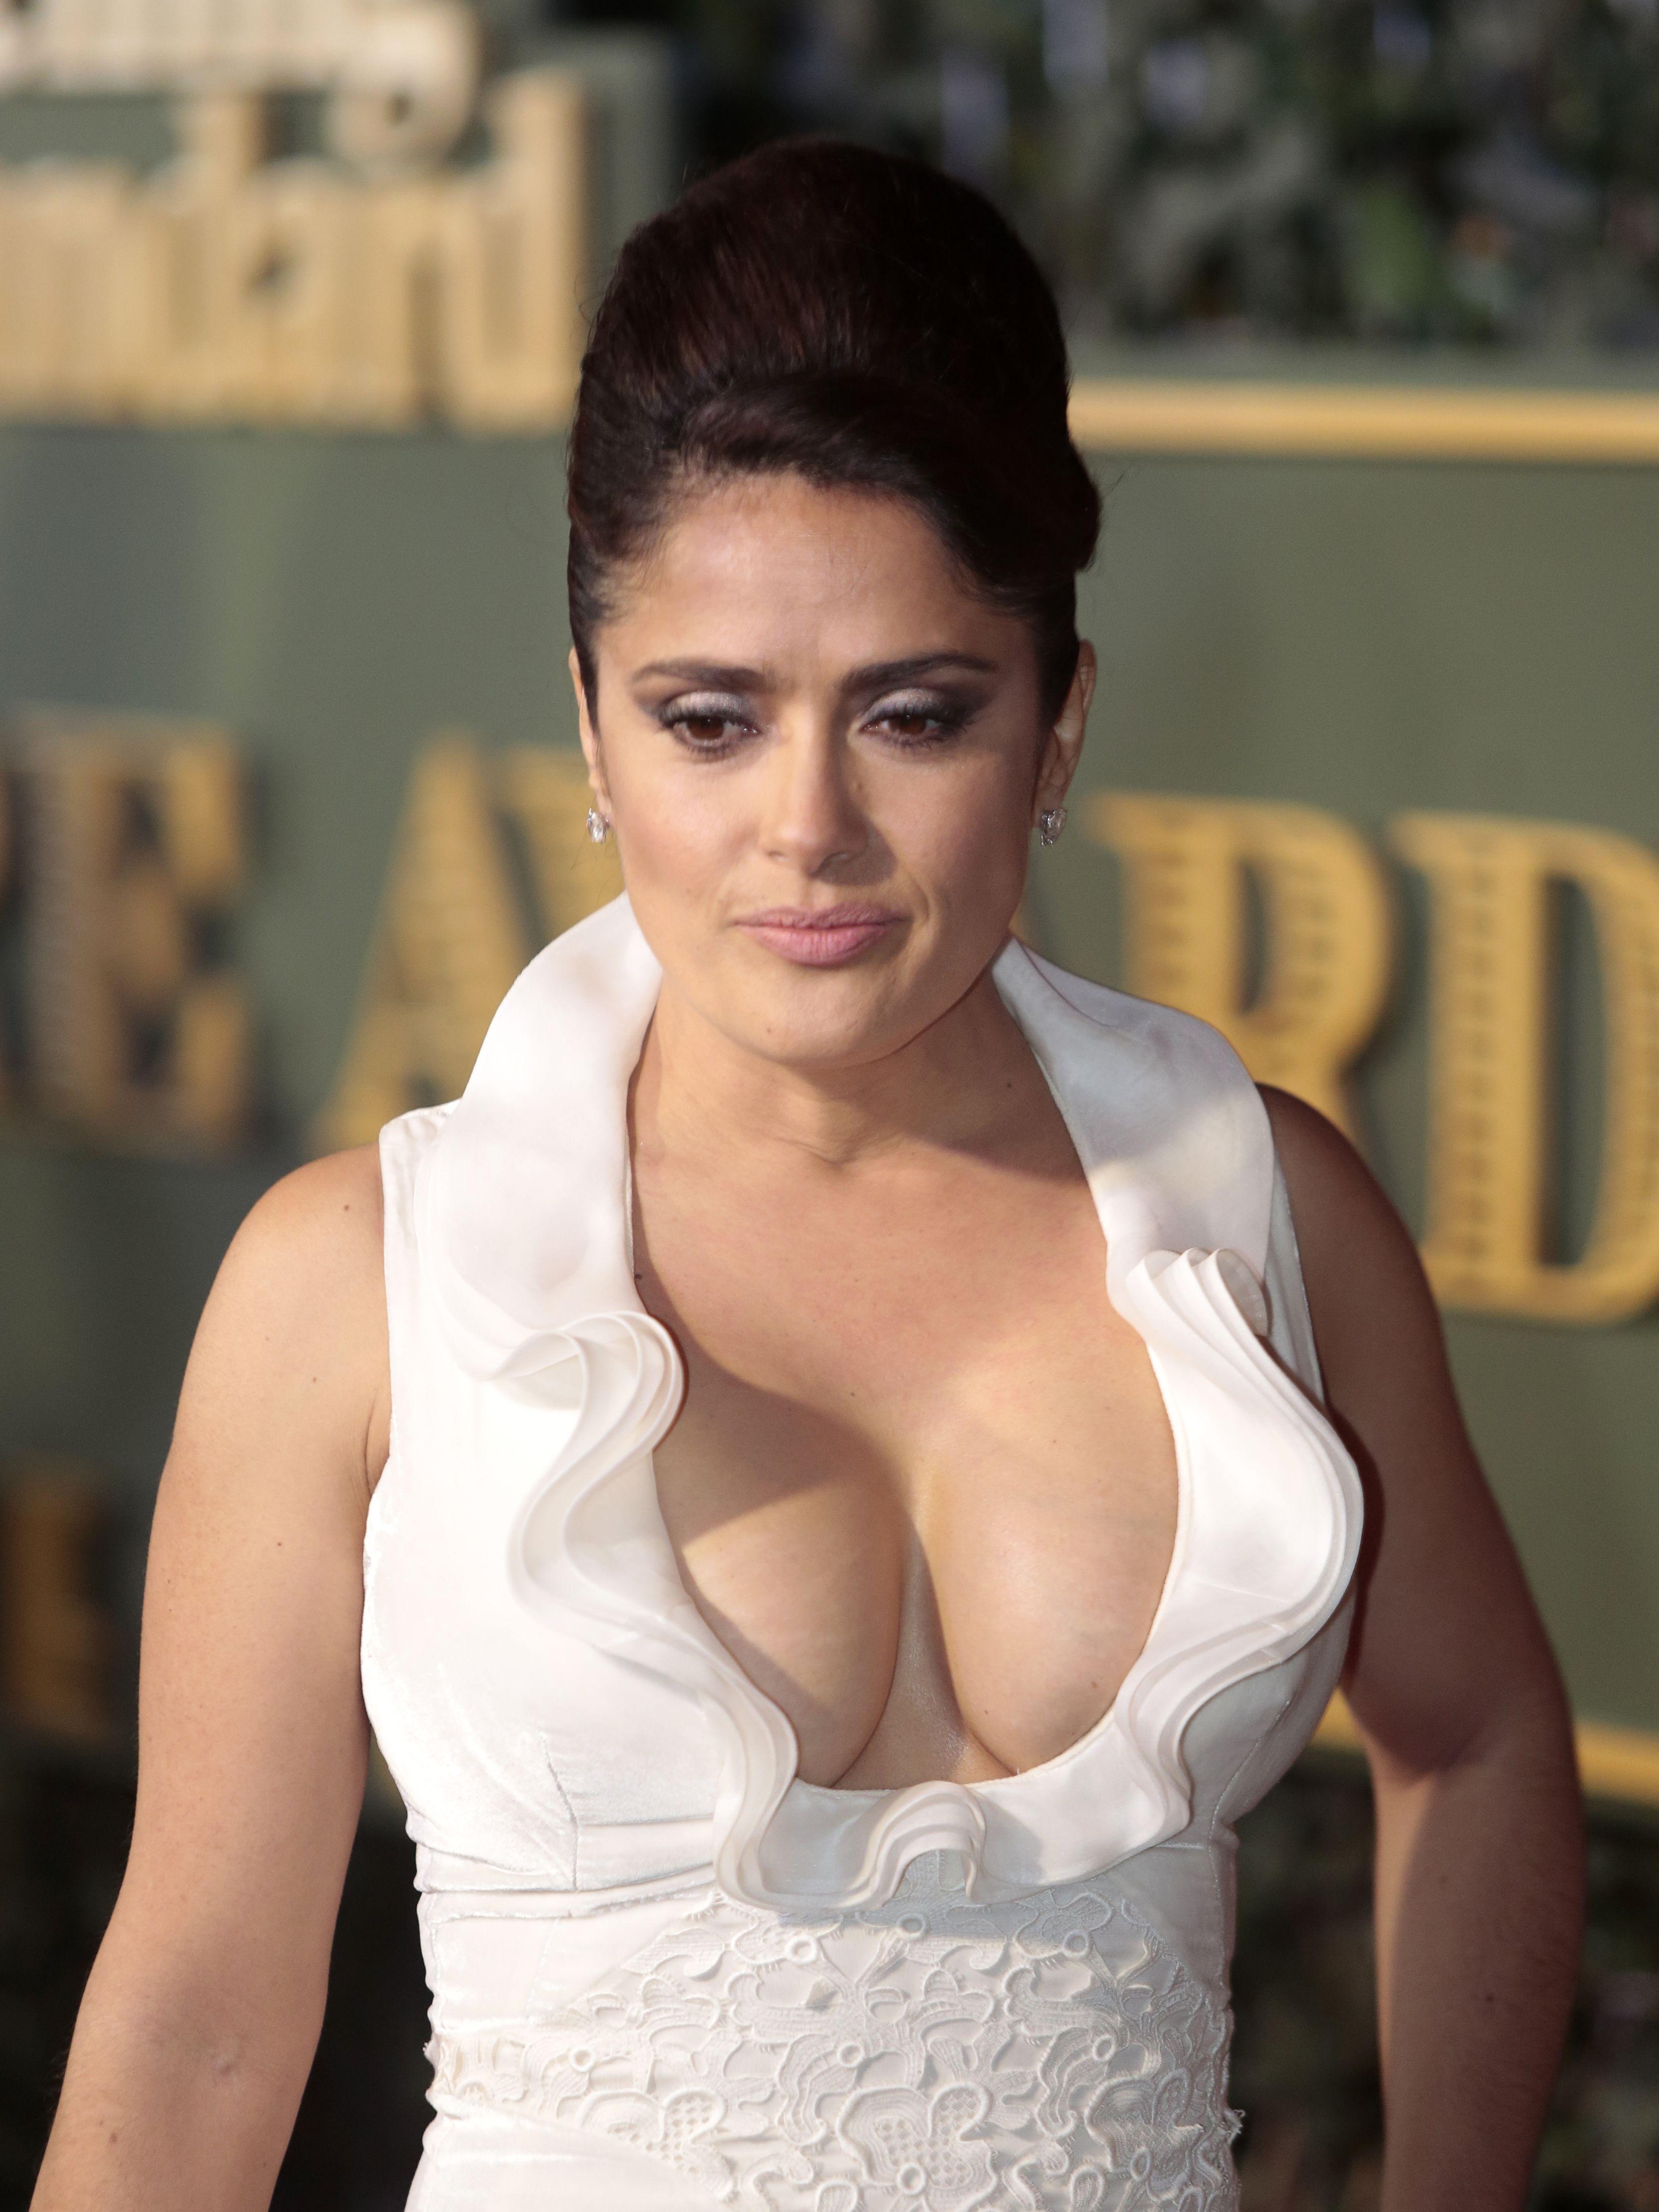 художественные фильмы актрисы с большим бюстом парализован всю